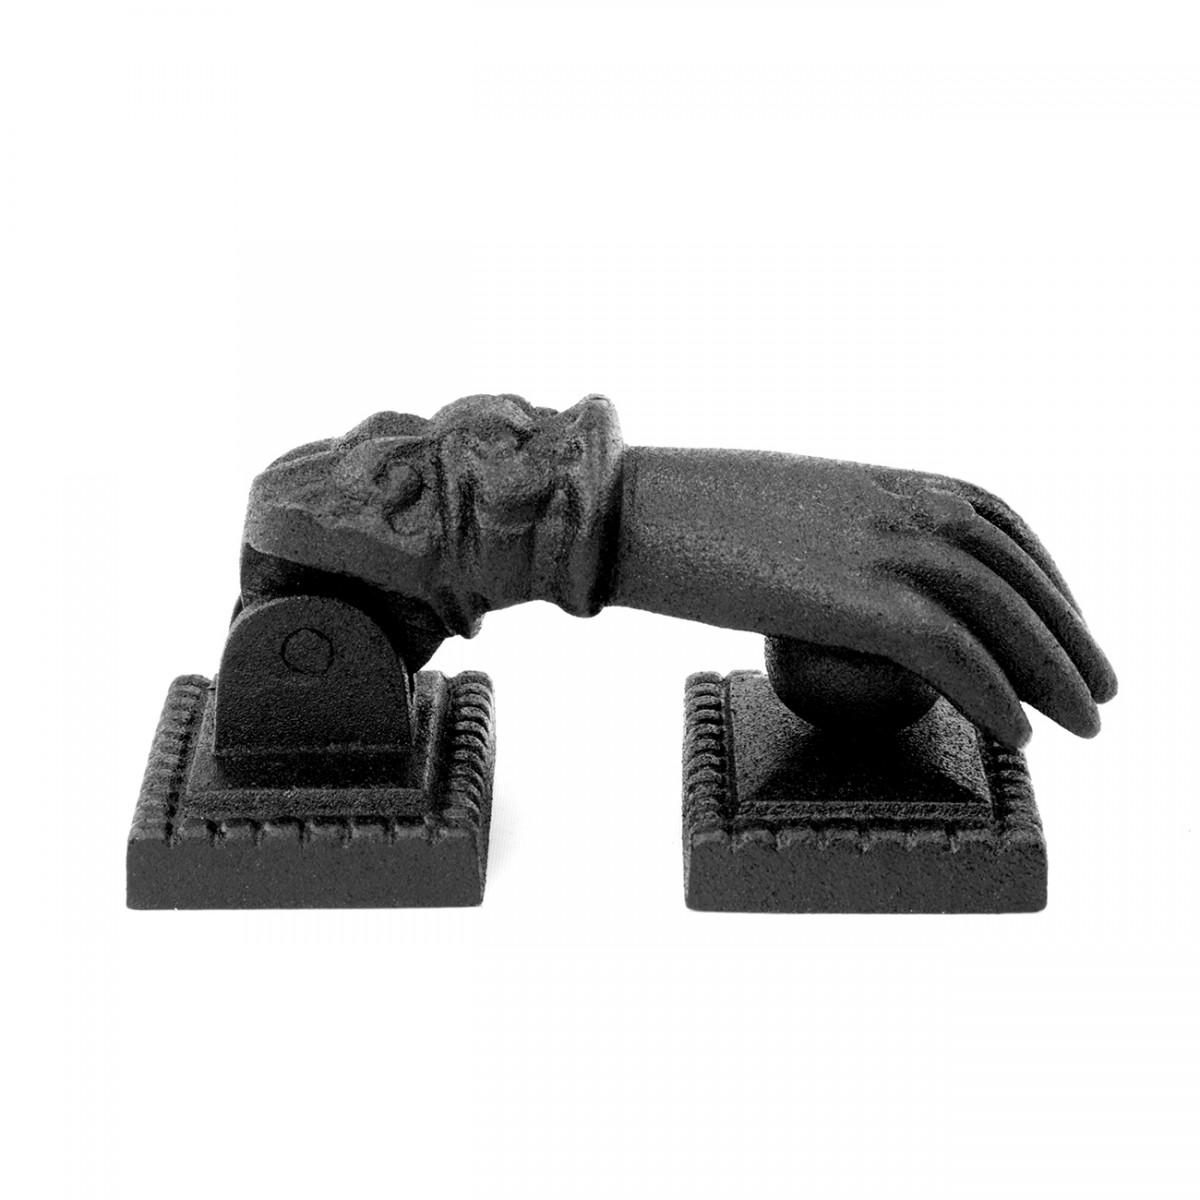 Door Knocker Black Cast Iron Hand 4 H x 1 1516 W Hand Door Knocker Cast Iron Door Knockers Black Door Knockers For Front Door